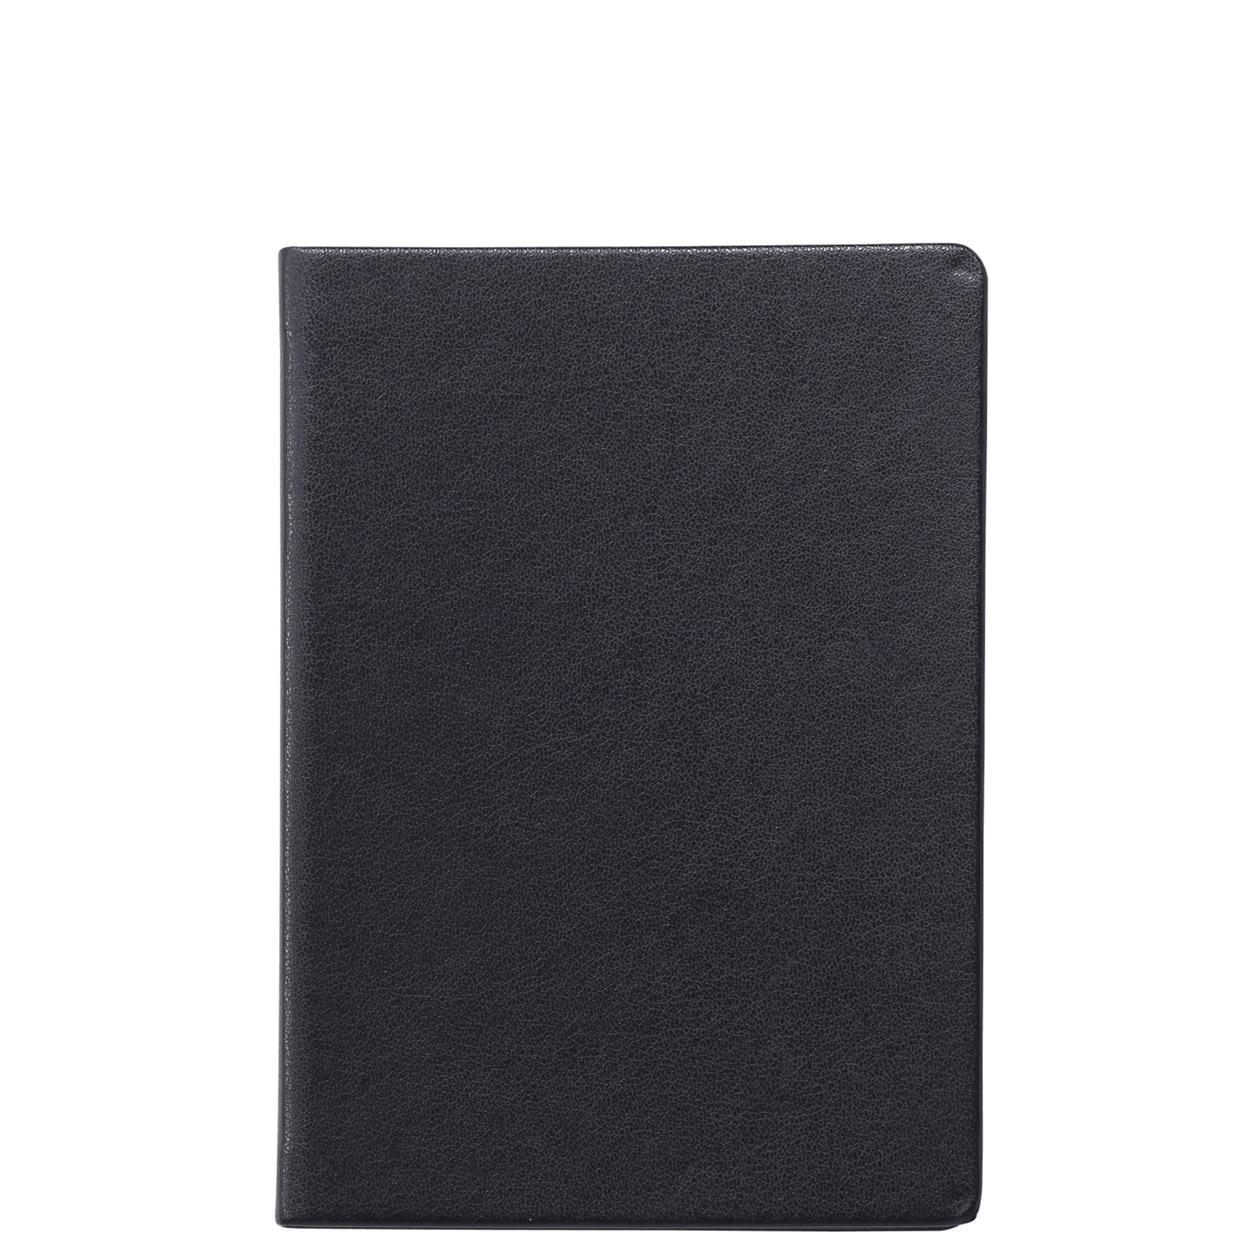 上質紙滑らかな書き味ハードカバーノート